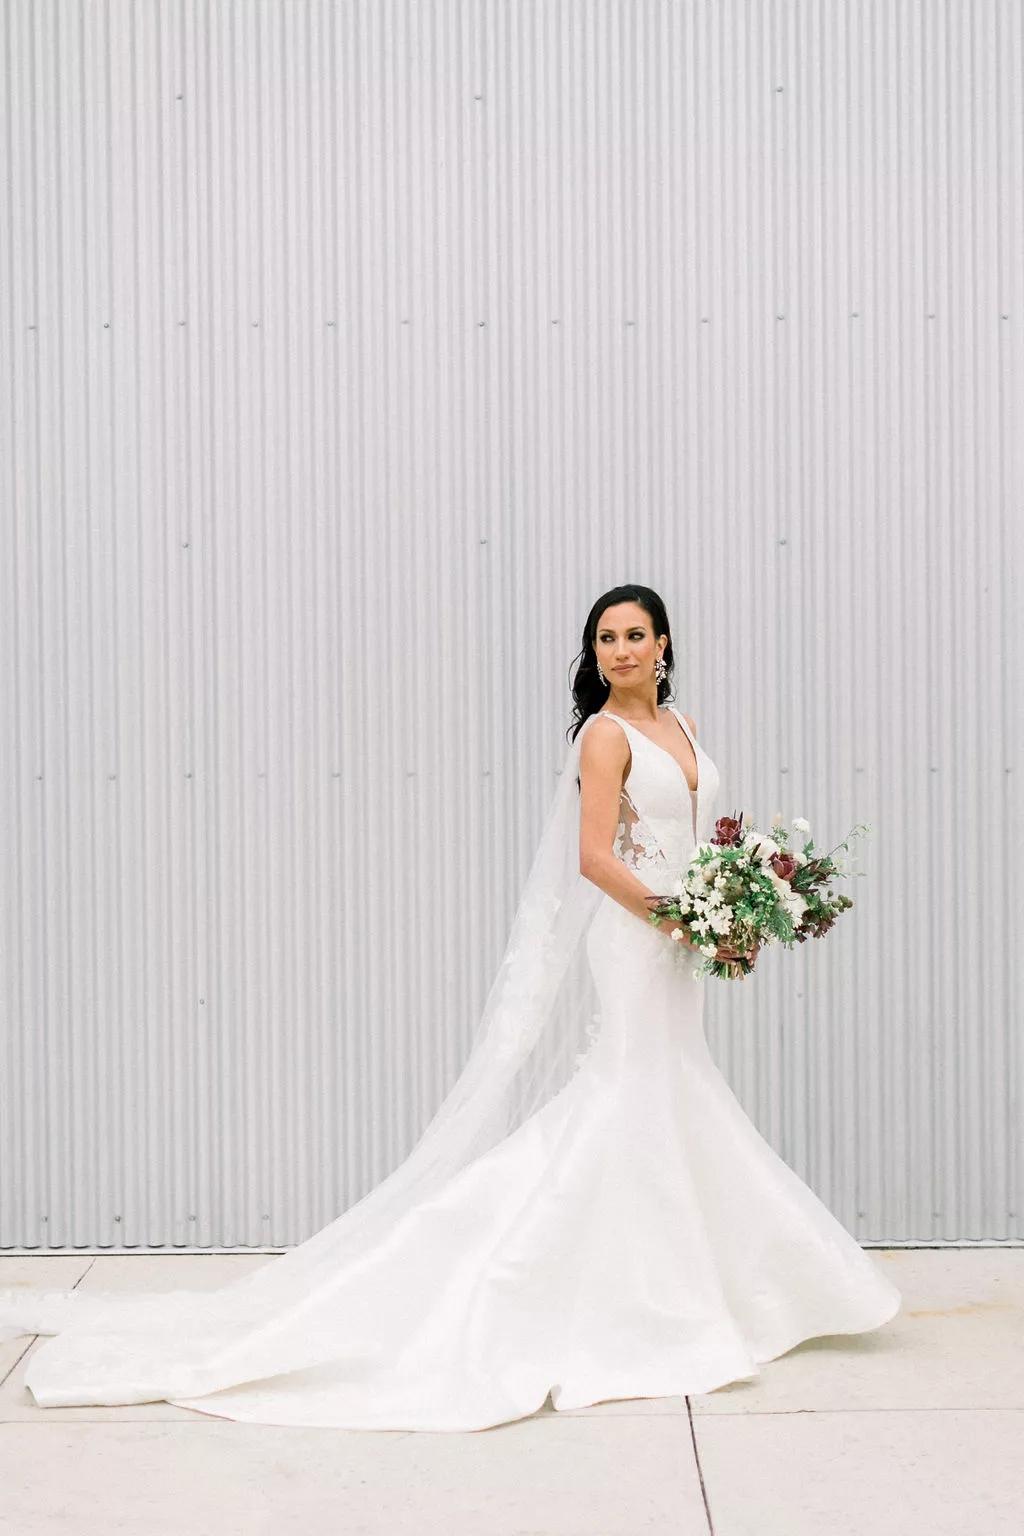 oIzGO2YfUc4 - Как найти веселого ведущего на свою свадьбу